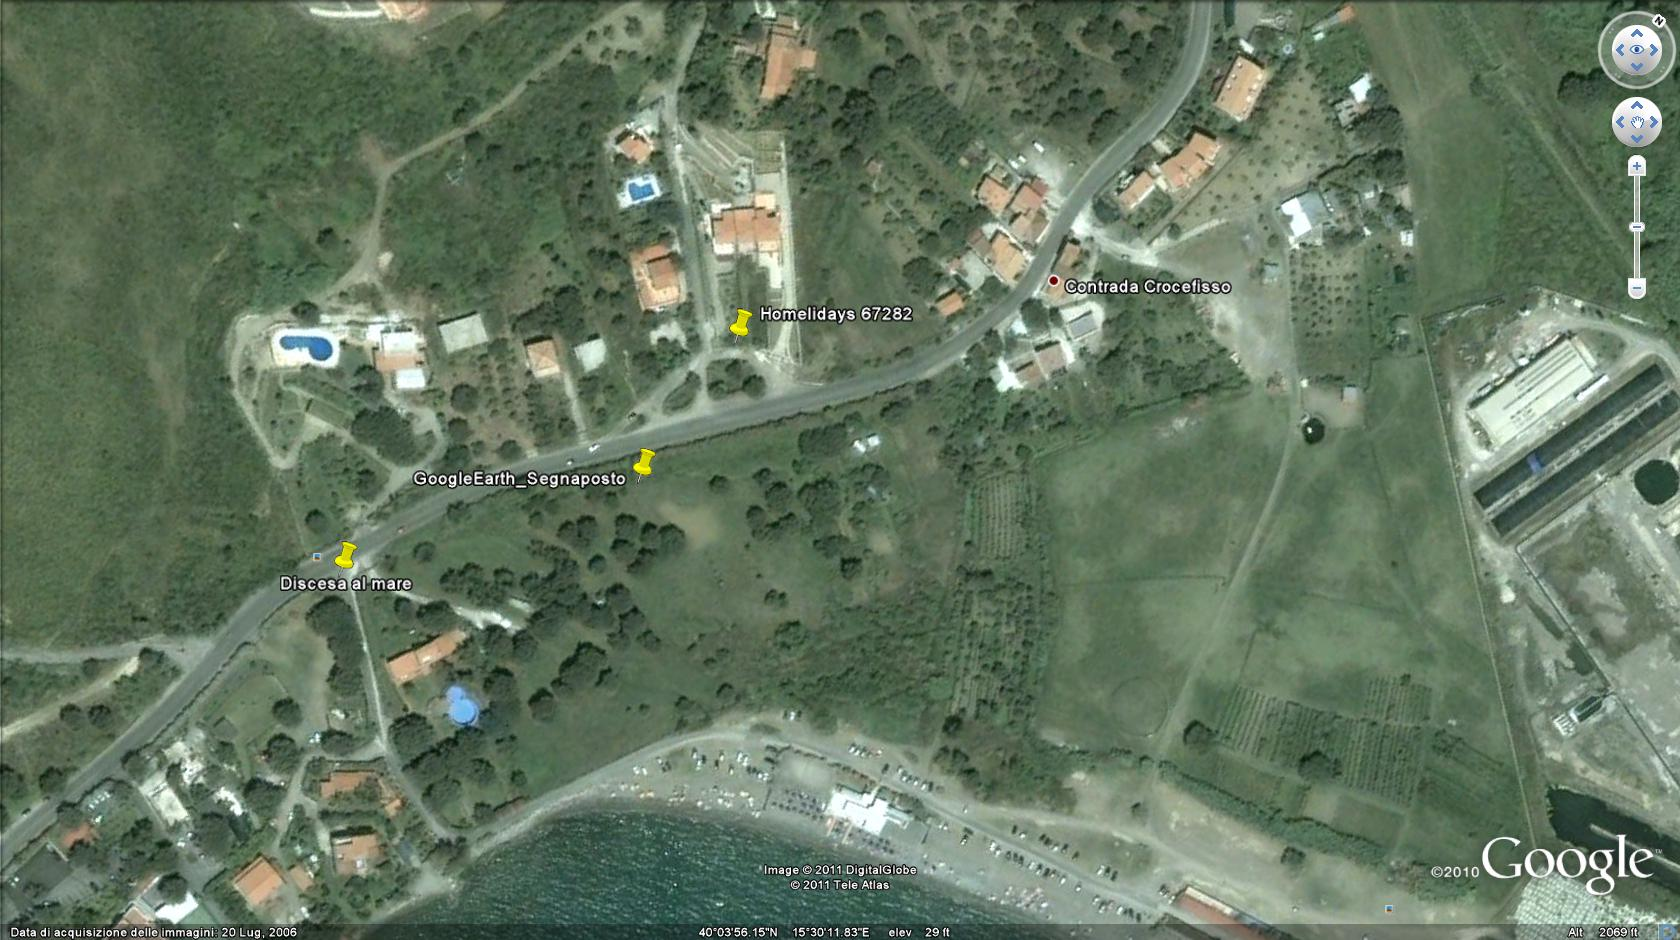 affitto casa vacanze mare policastro bussentino 8720 (20180530140526-2018-16775-NDP.jpg)